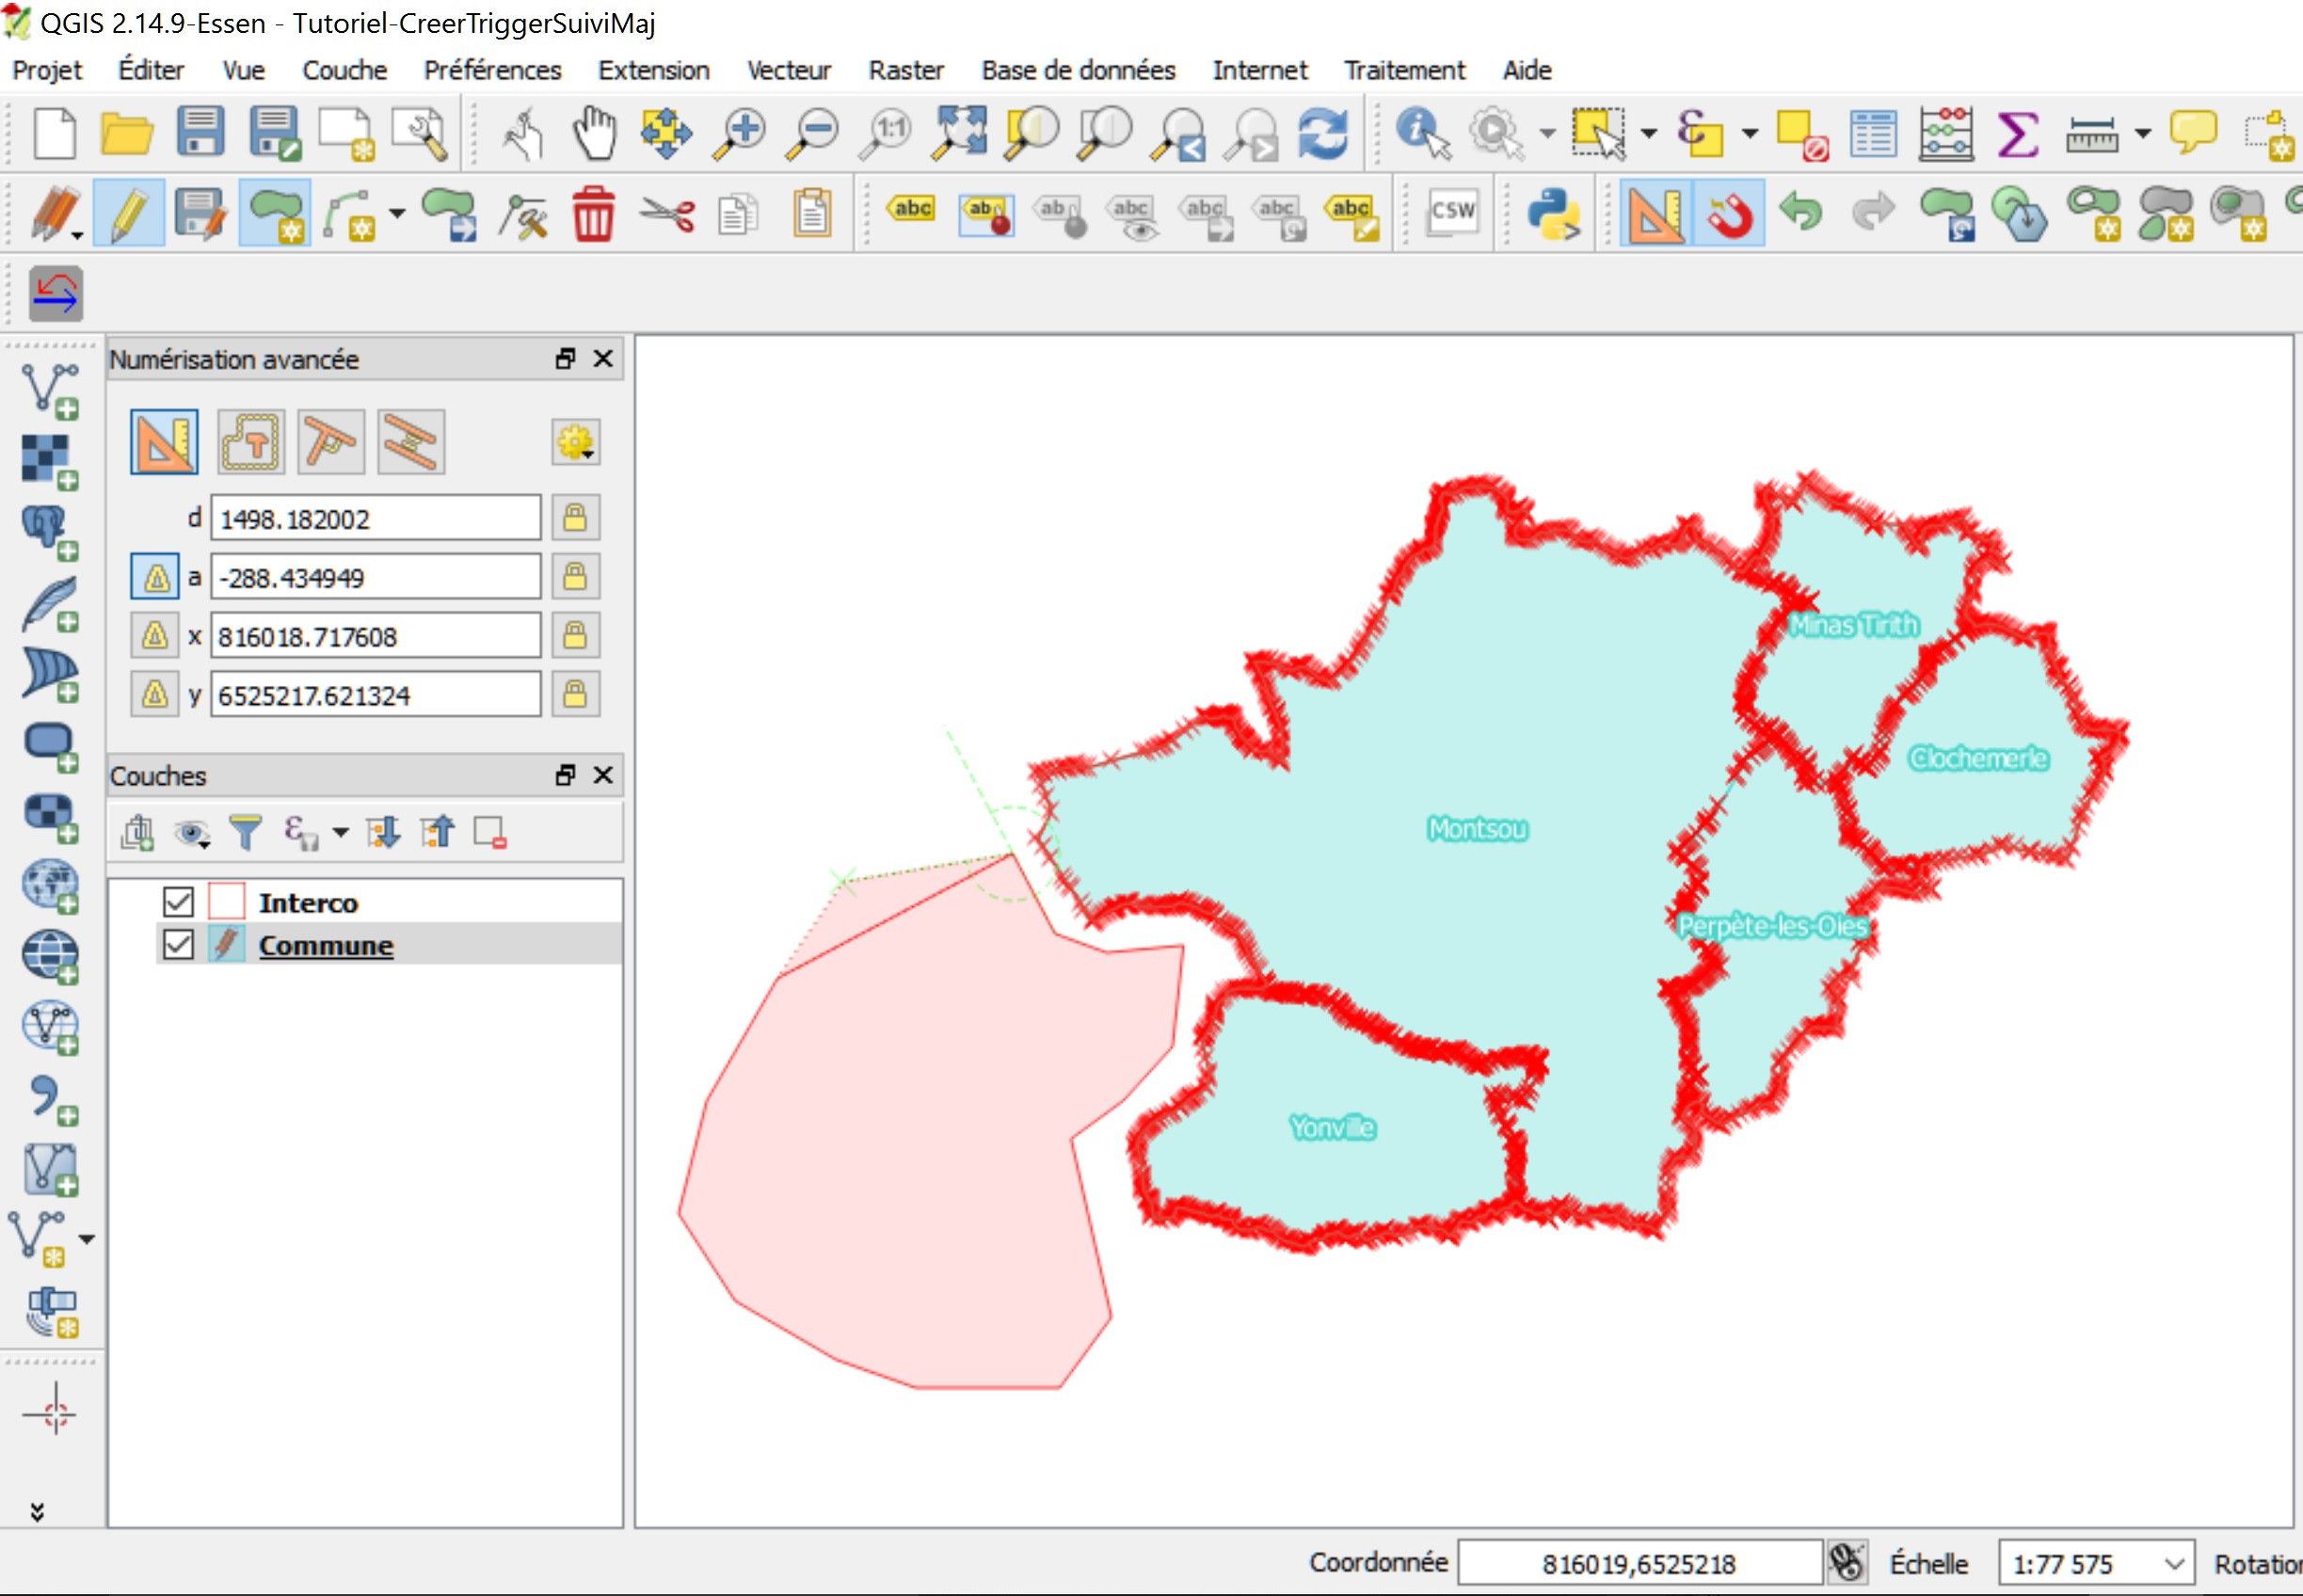 Tutoriel Impuls'Map - Trigger suivi mises à jour PostgreSQL PostGIS - QGIS mode Edition